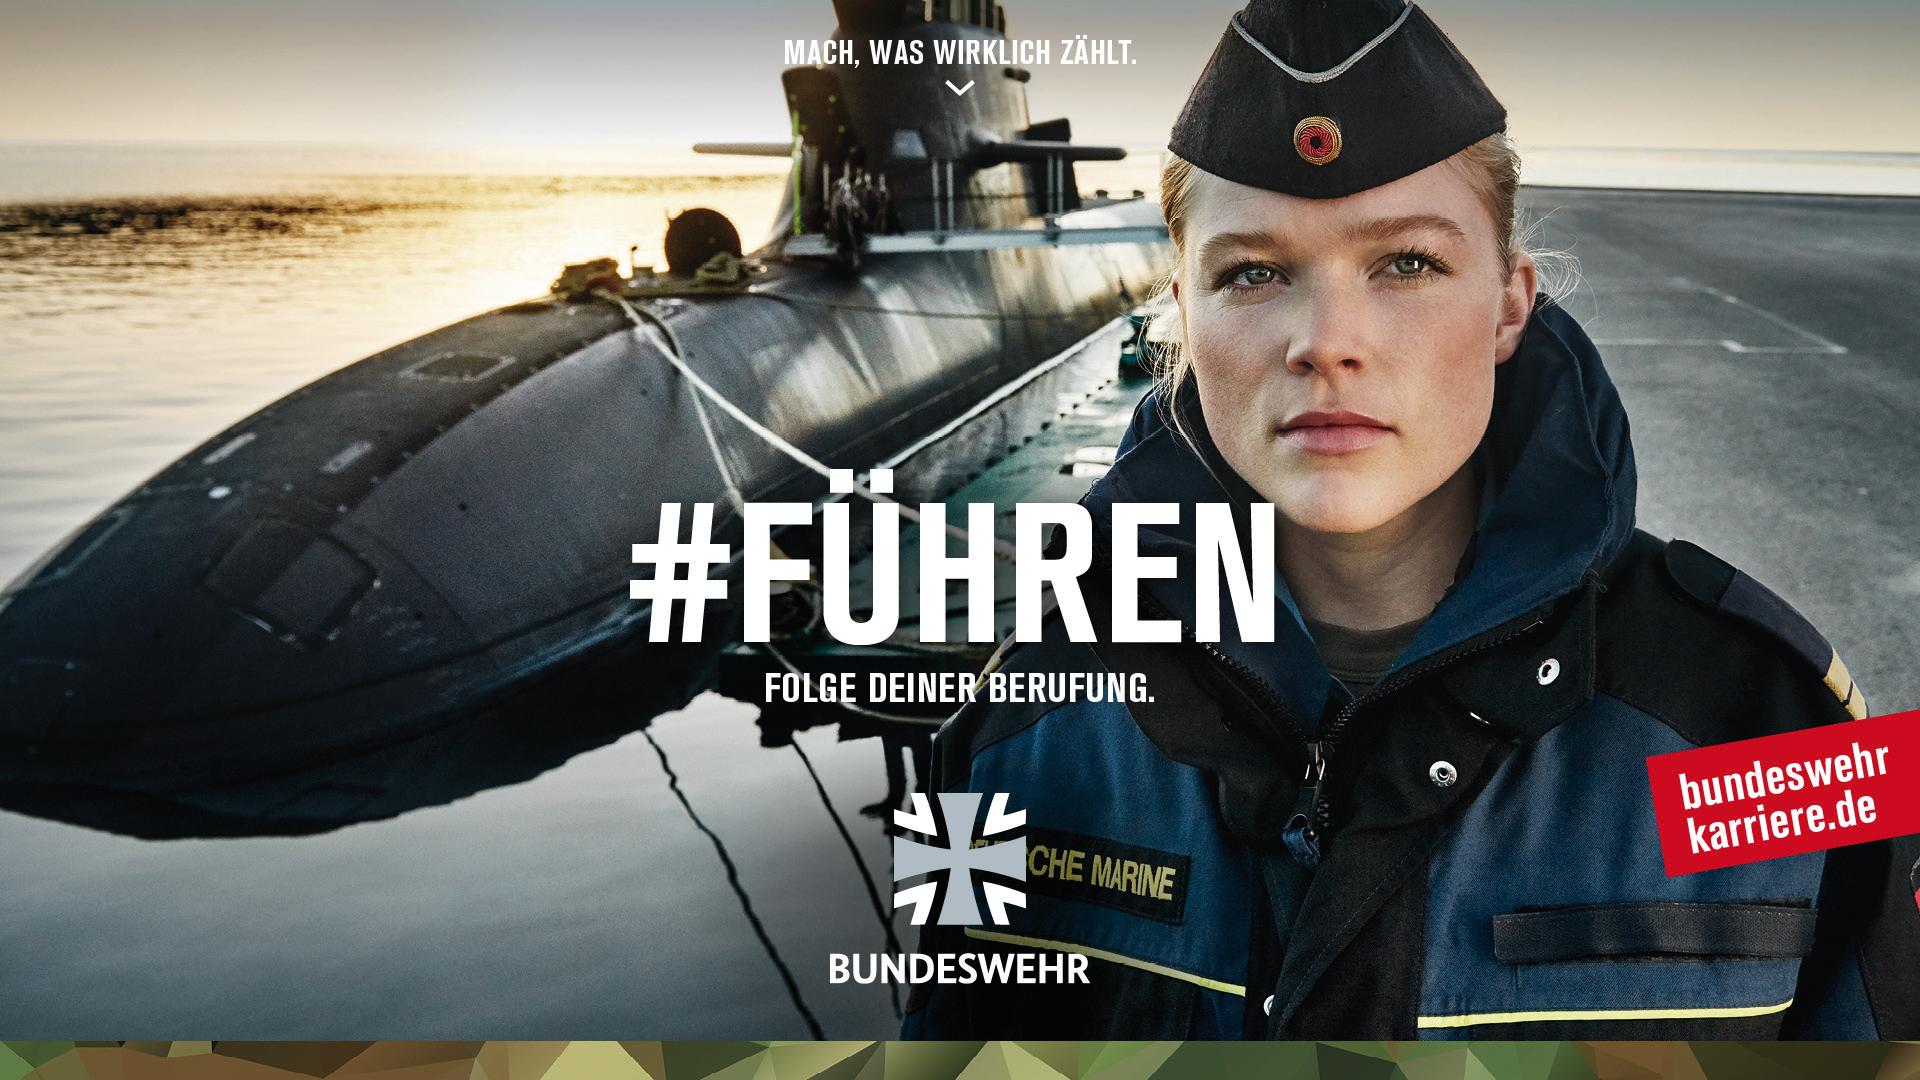 BW_Berufekampagne_16_9_5.jpg – Karriereberatungsbüro der Bundeswehr Aurich